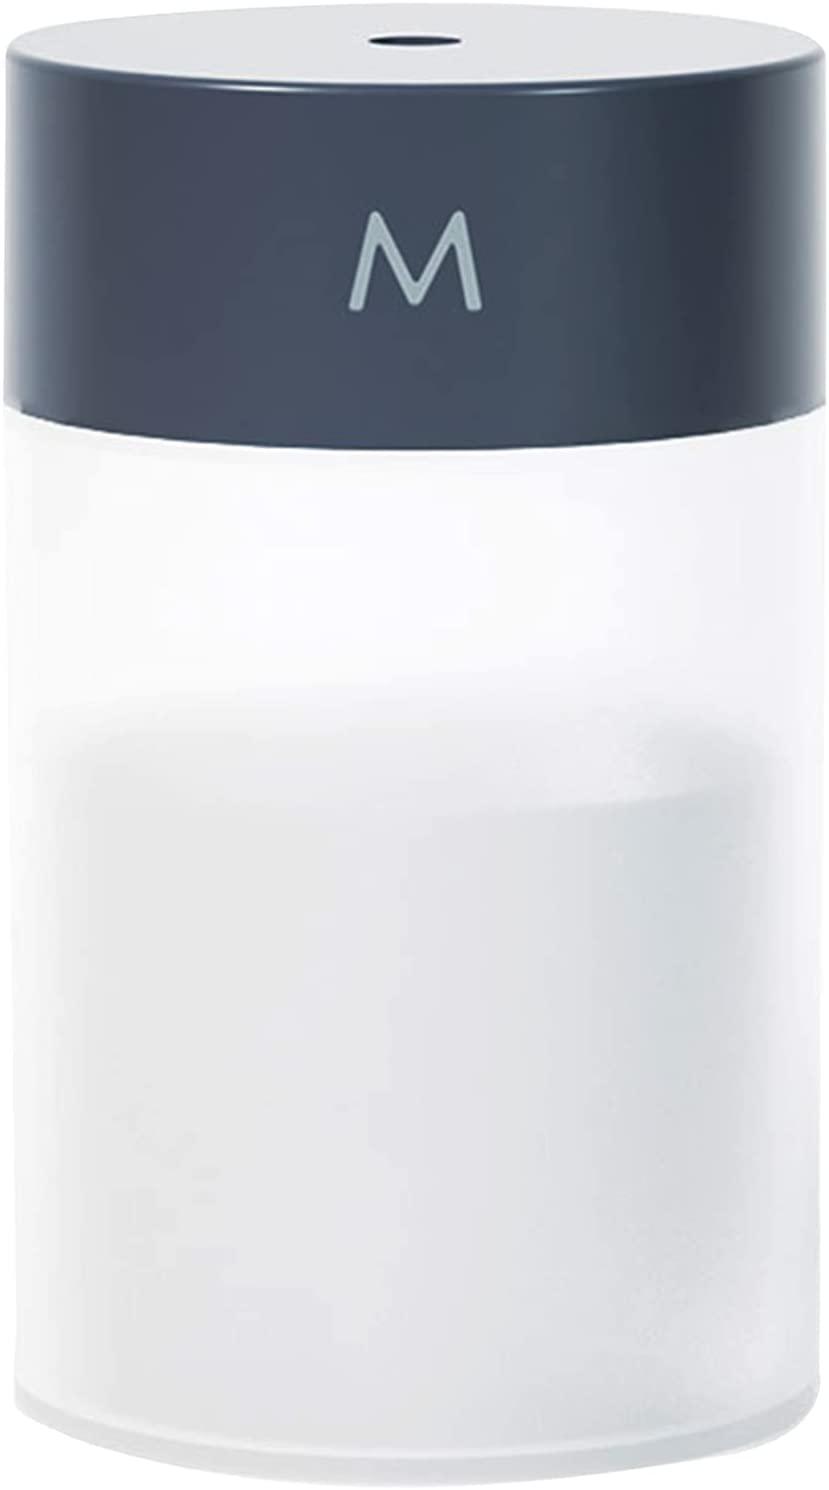 Humidificador 260 ml portátil